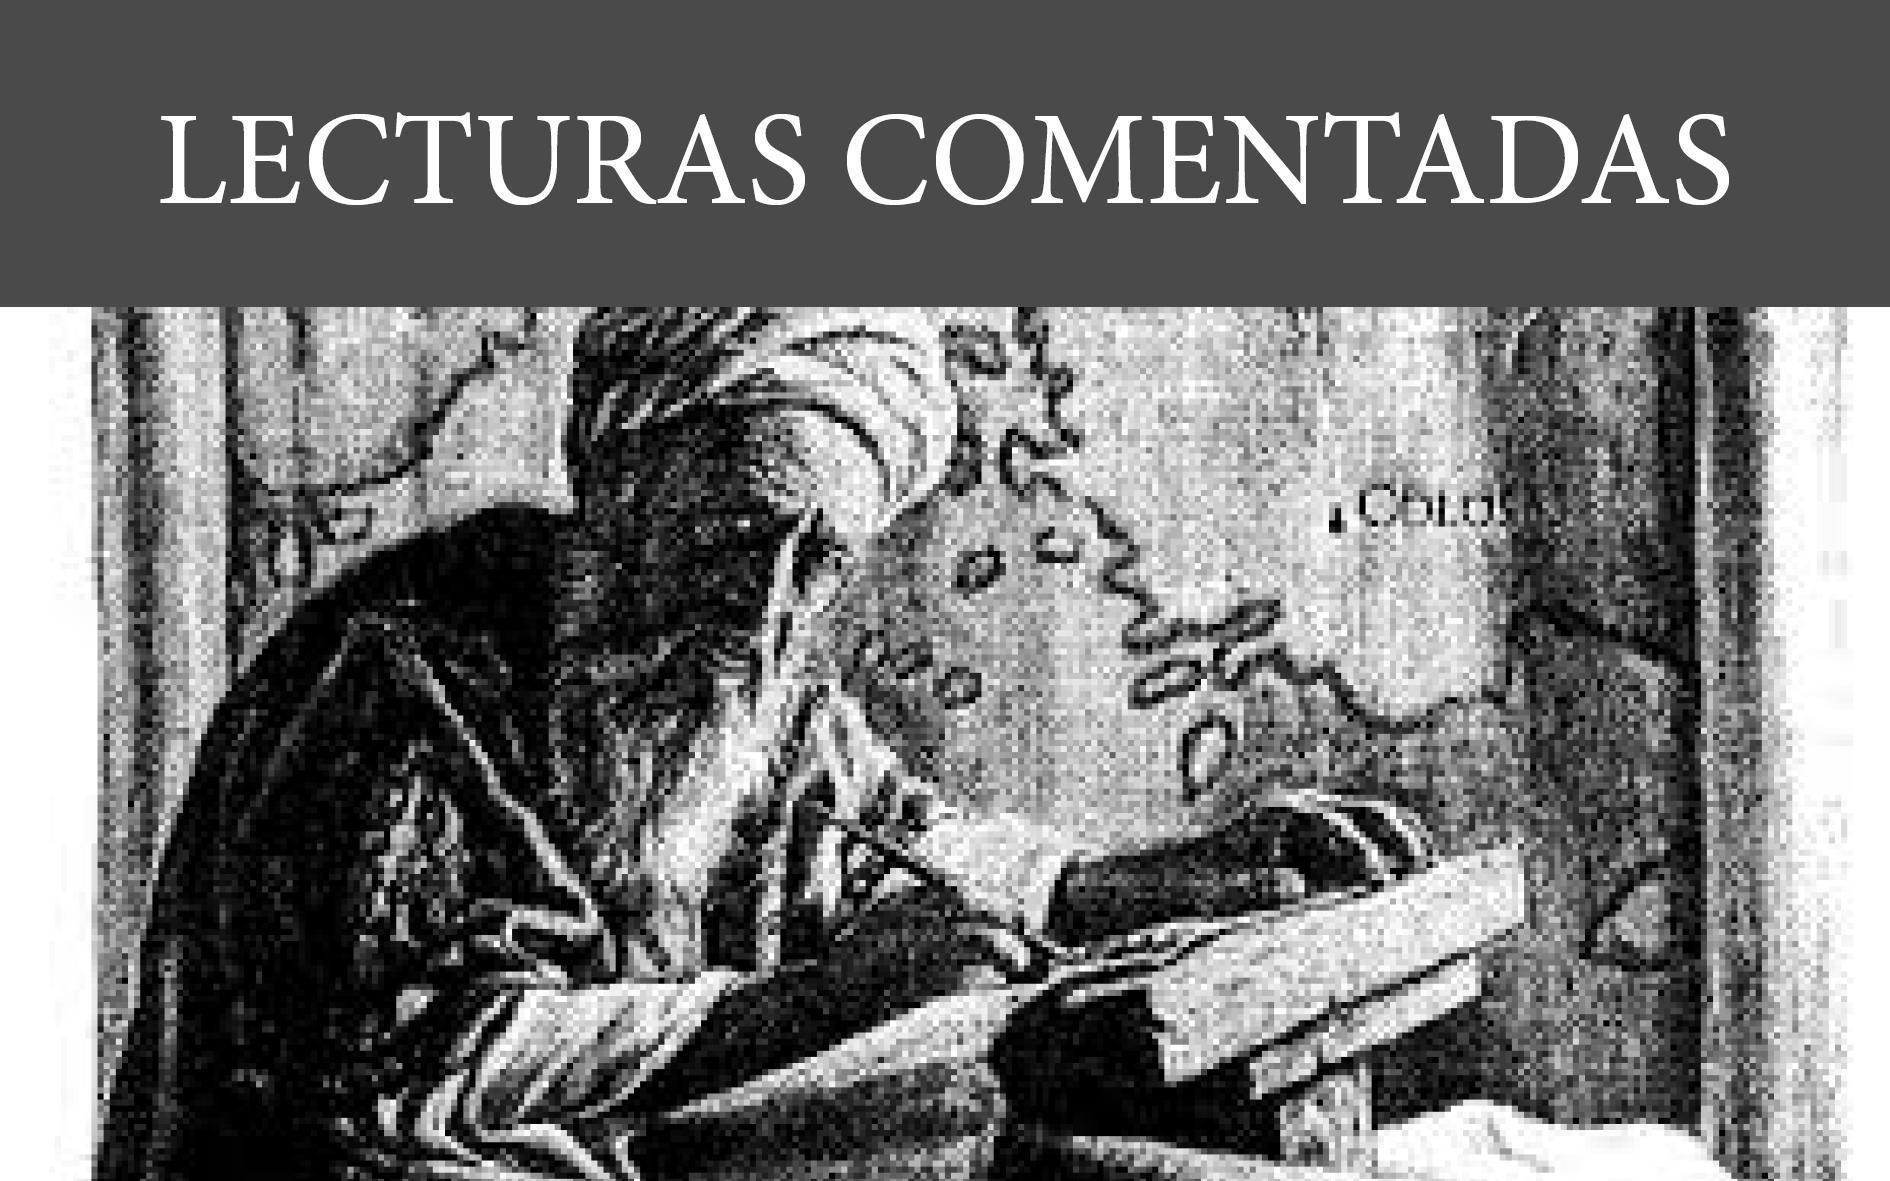 7. LECTURA COMENTADA: DIVÁN DE MANSUR HALLAY